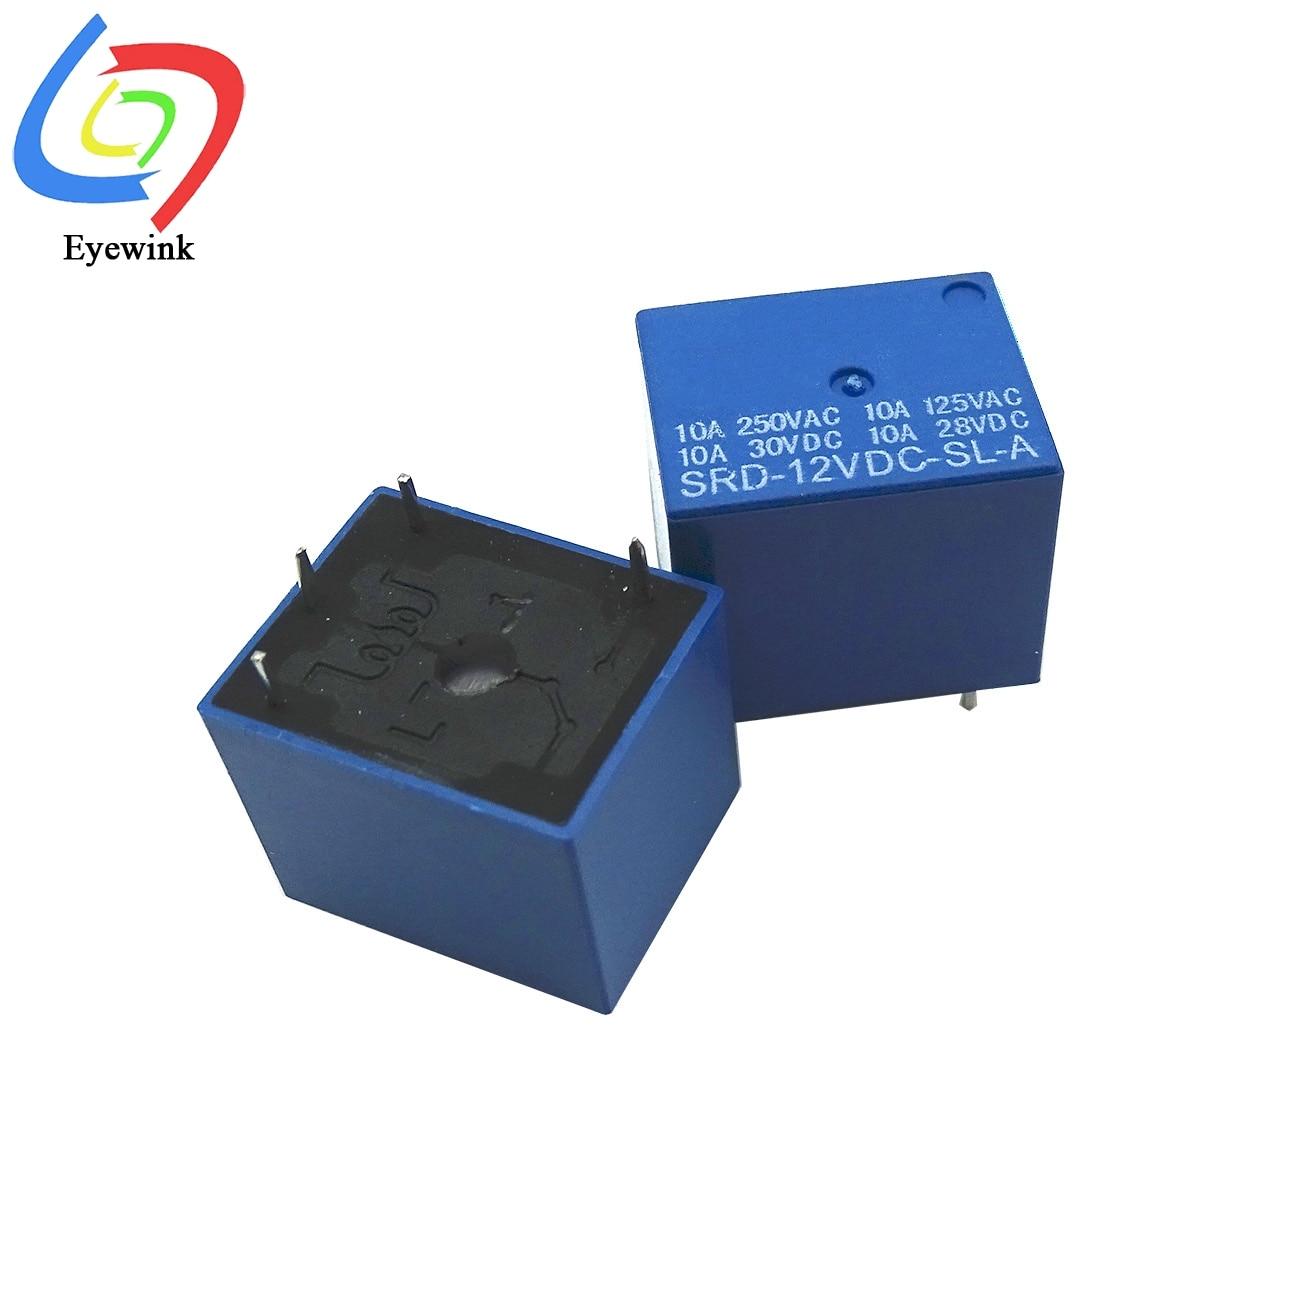 Реле мощности, 5 В, 12 В, 24 В постоянного тока, стандартный тип печатной платы, Стандартный Тип печатной платы